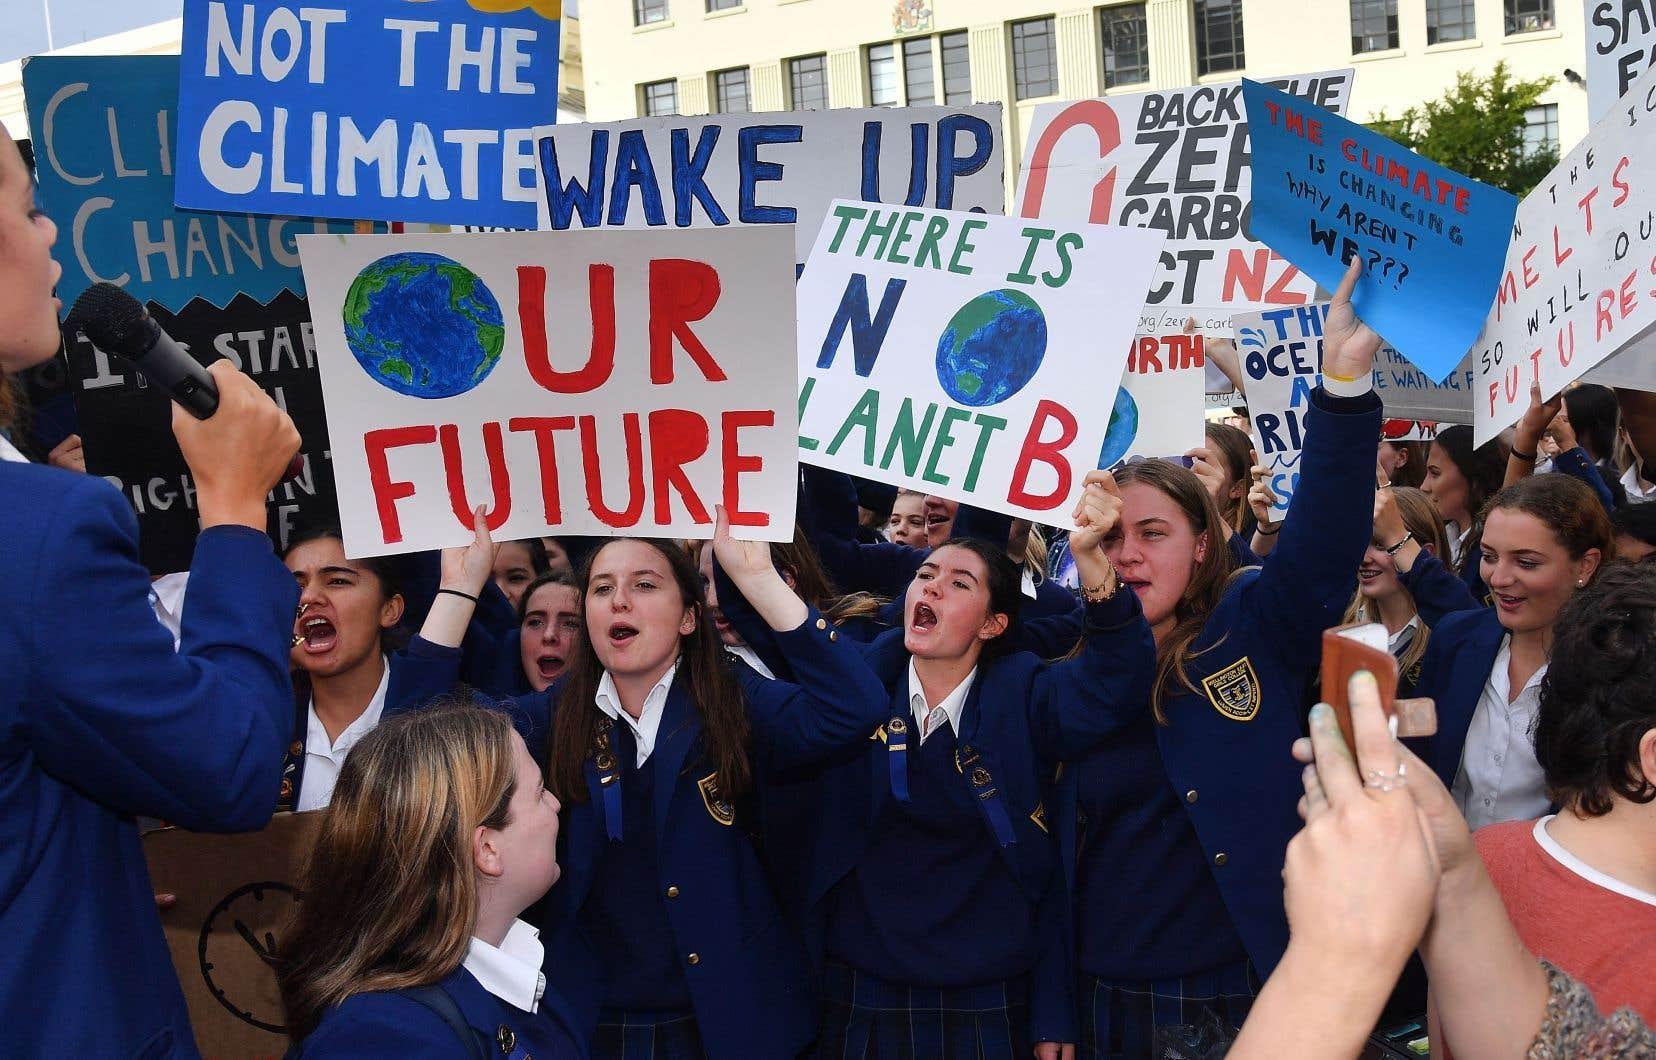 Des écoliers manifestent pour souligner des progrès insuffisants en matière de lutte contre le changement climatique à Wellington en Nouvelle-Zélande, le 15 mars 2019.